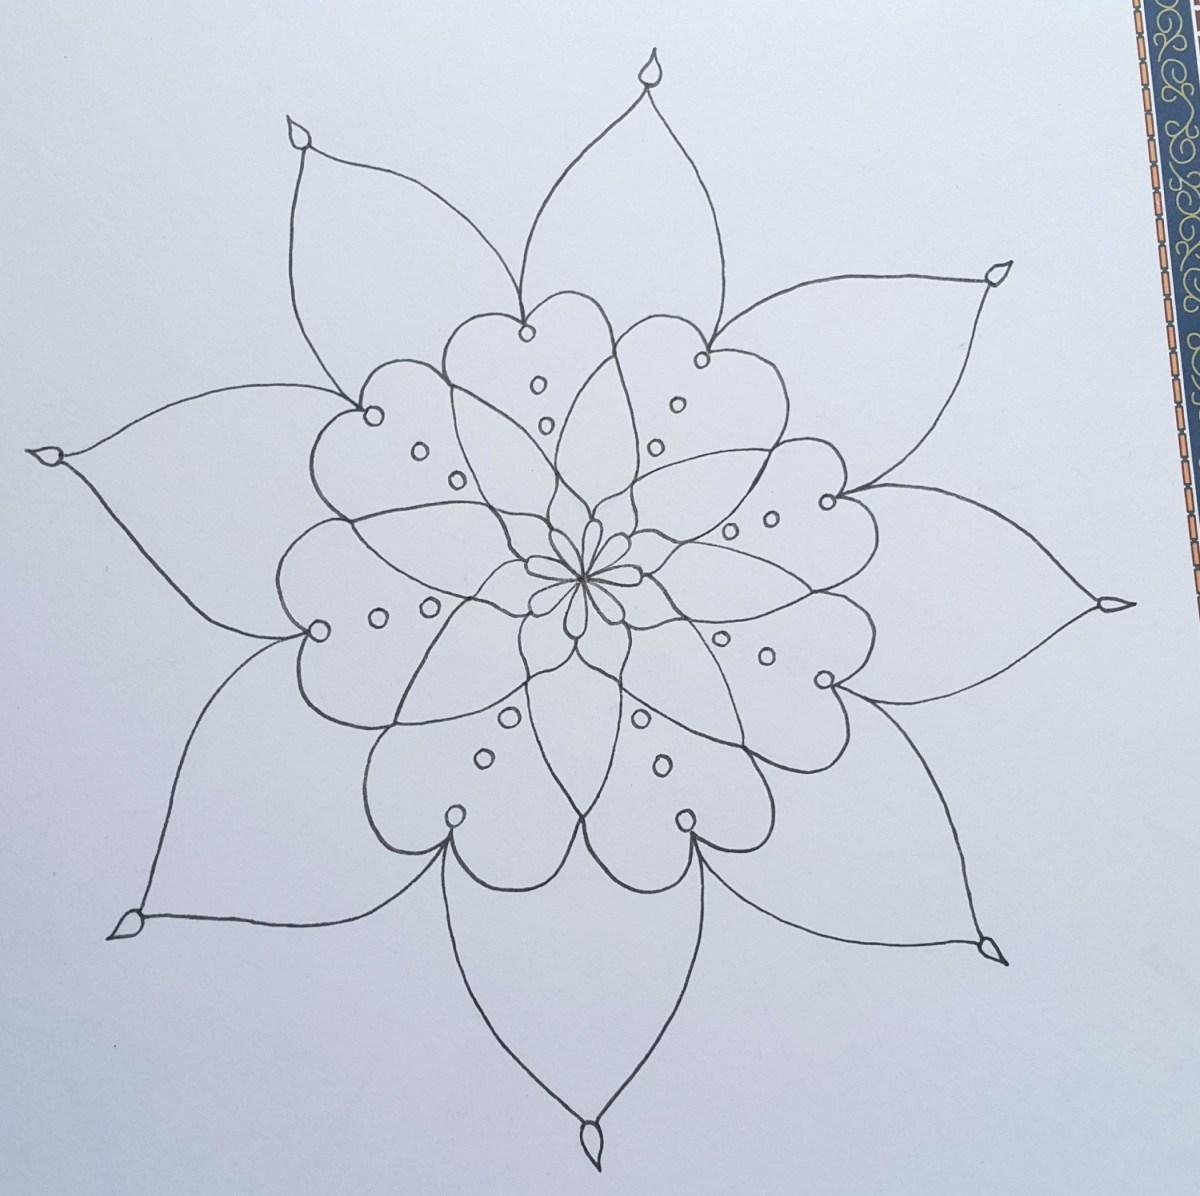 زخرفة نباتية رسم زخرفة بسيطة بقلم الرصاص